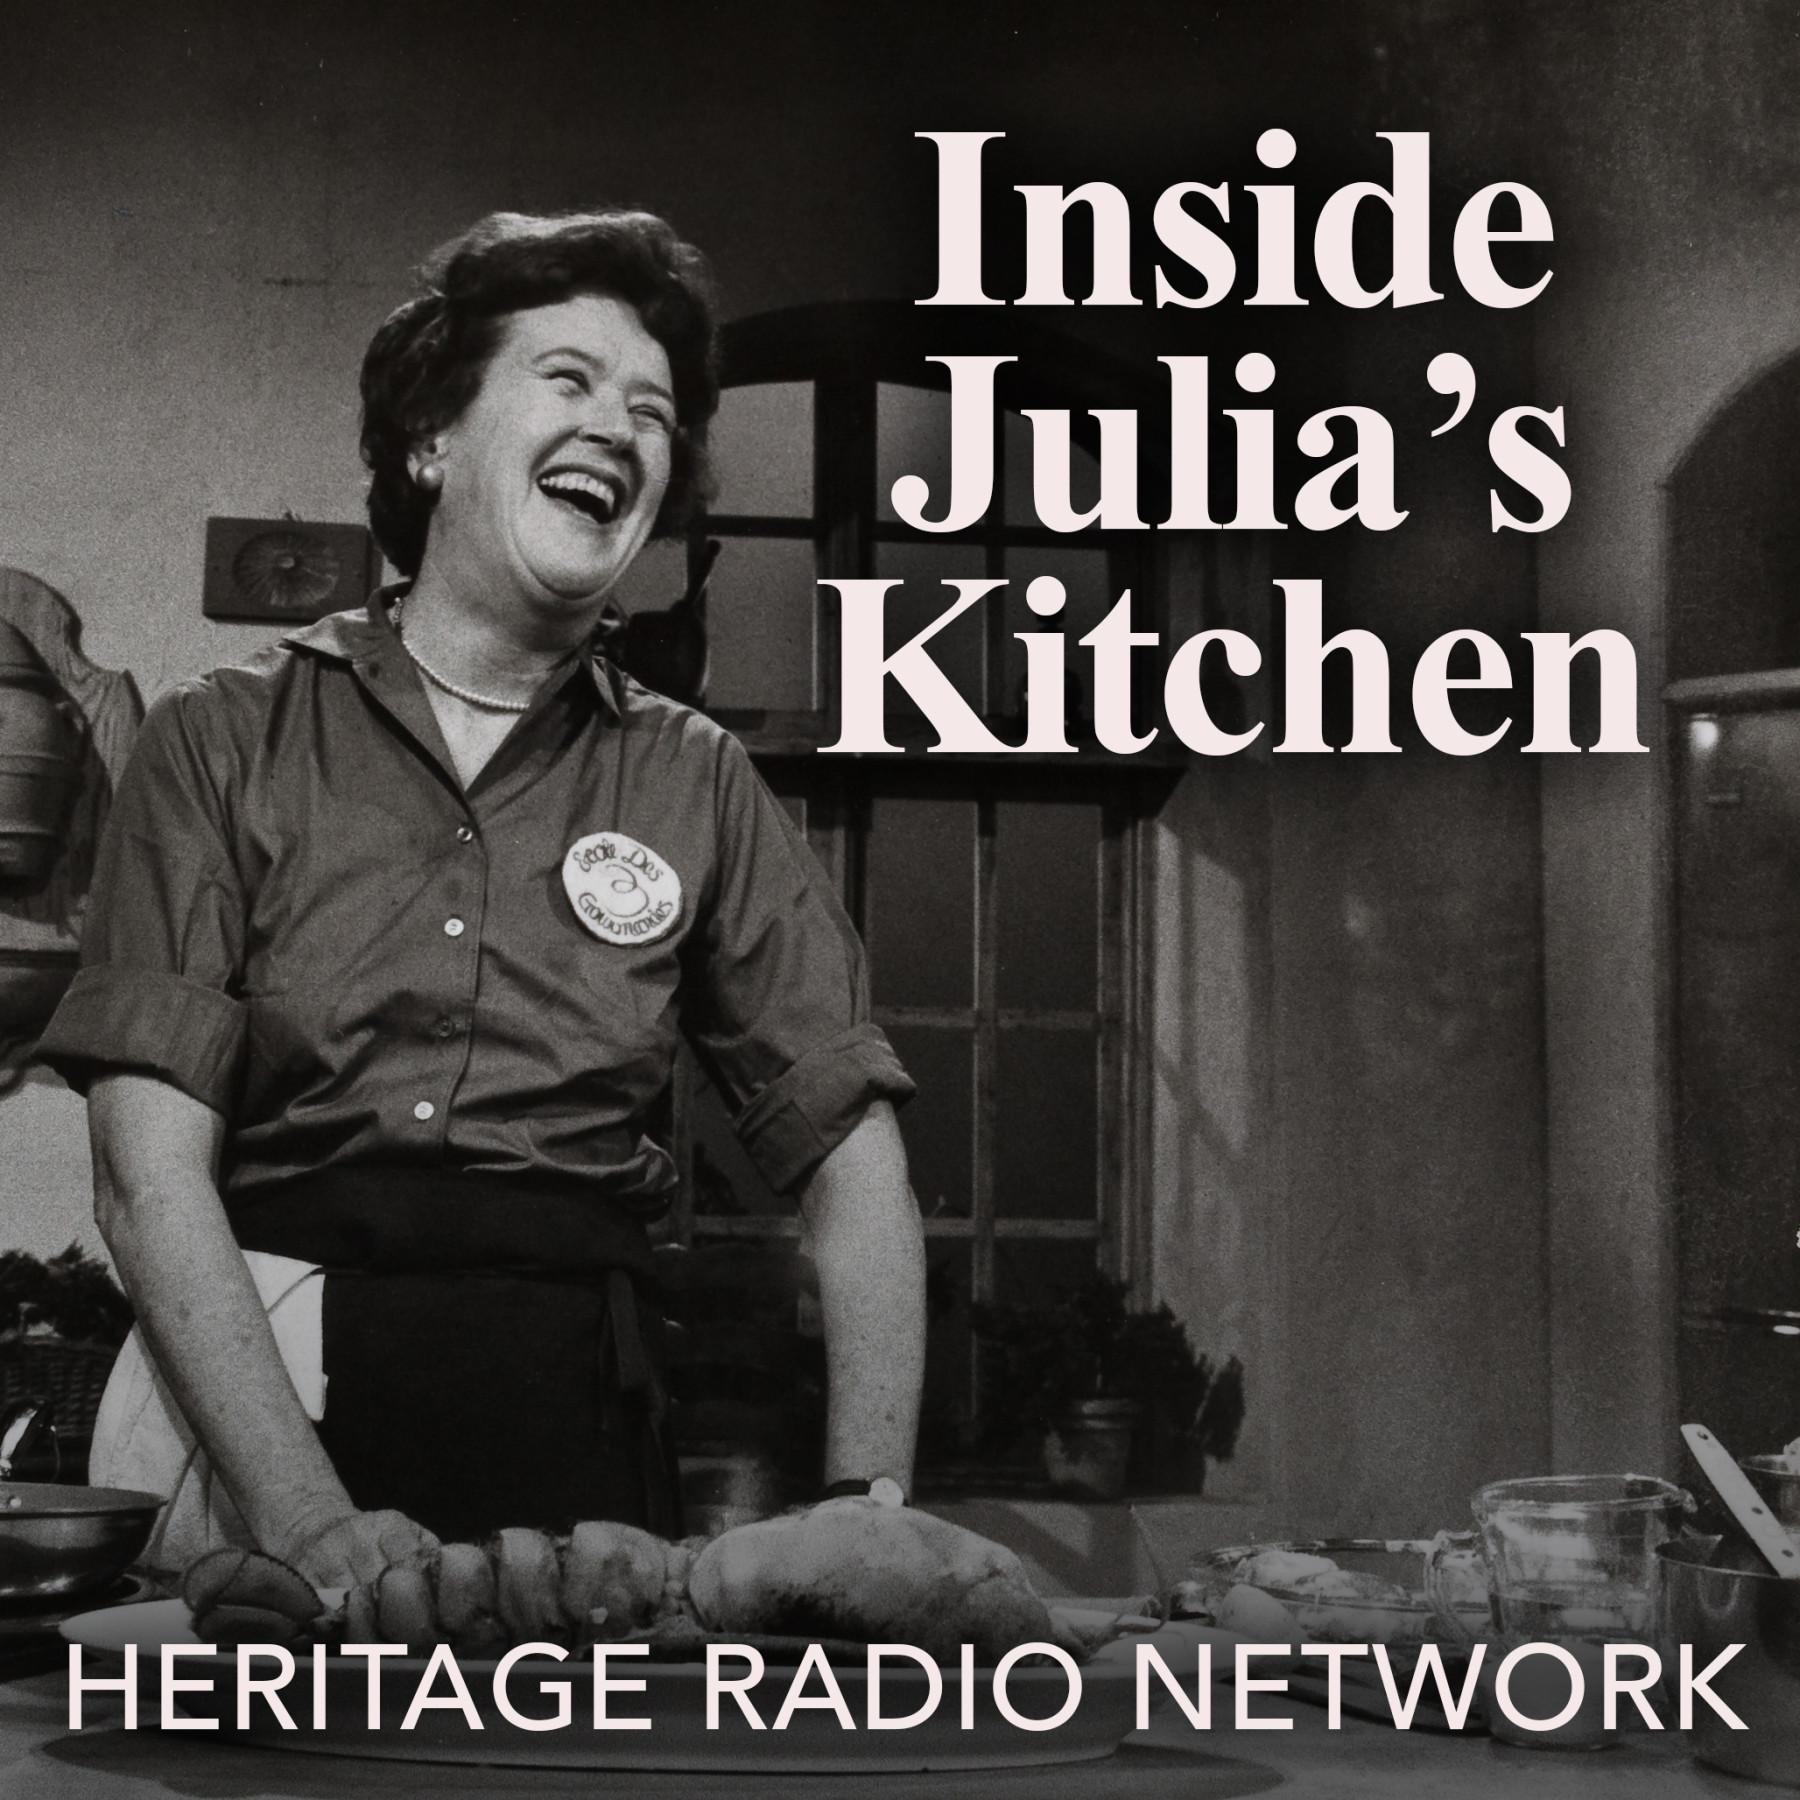 Inside Julia's Kitchen v2.2